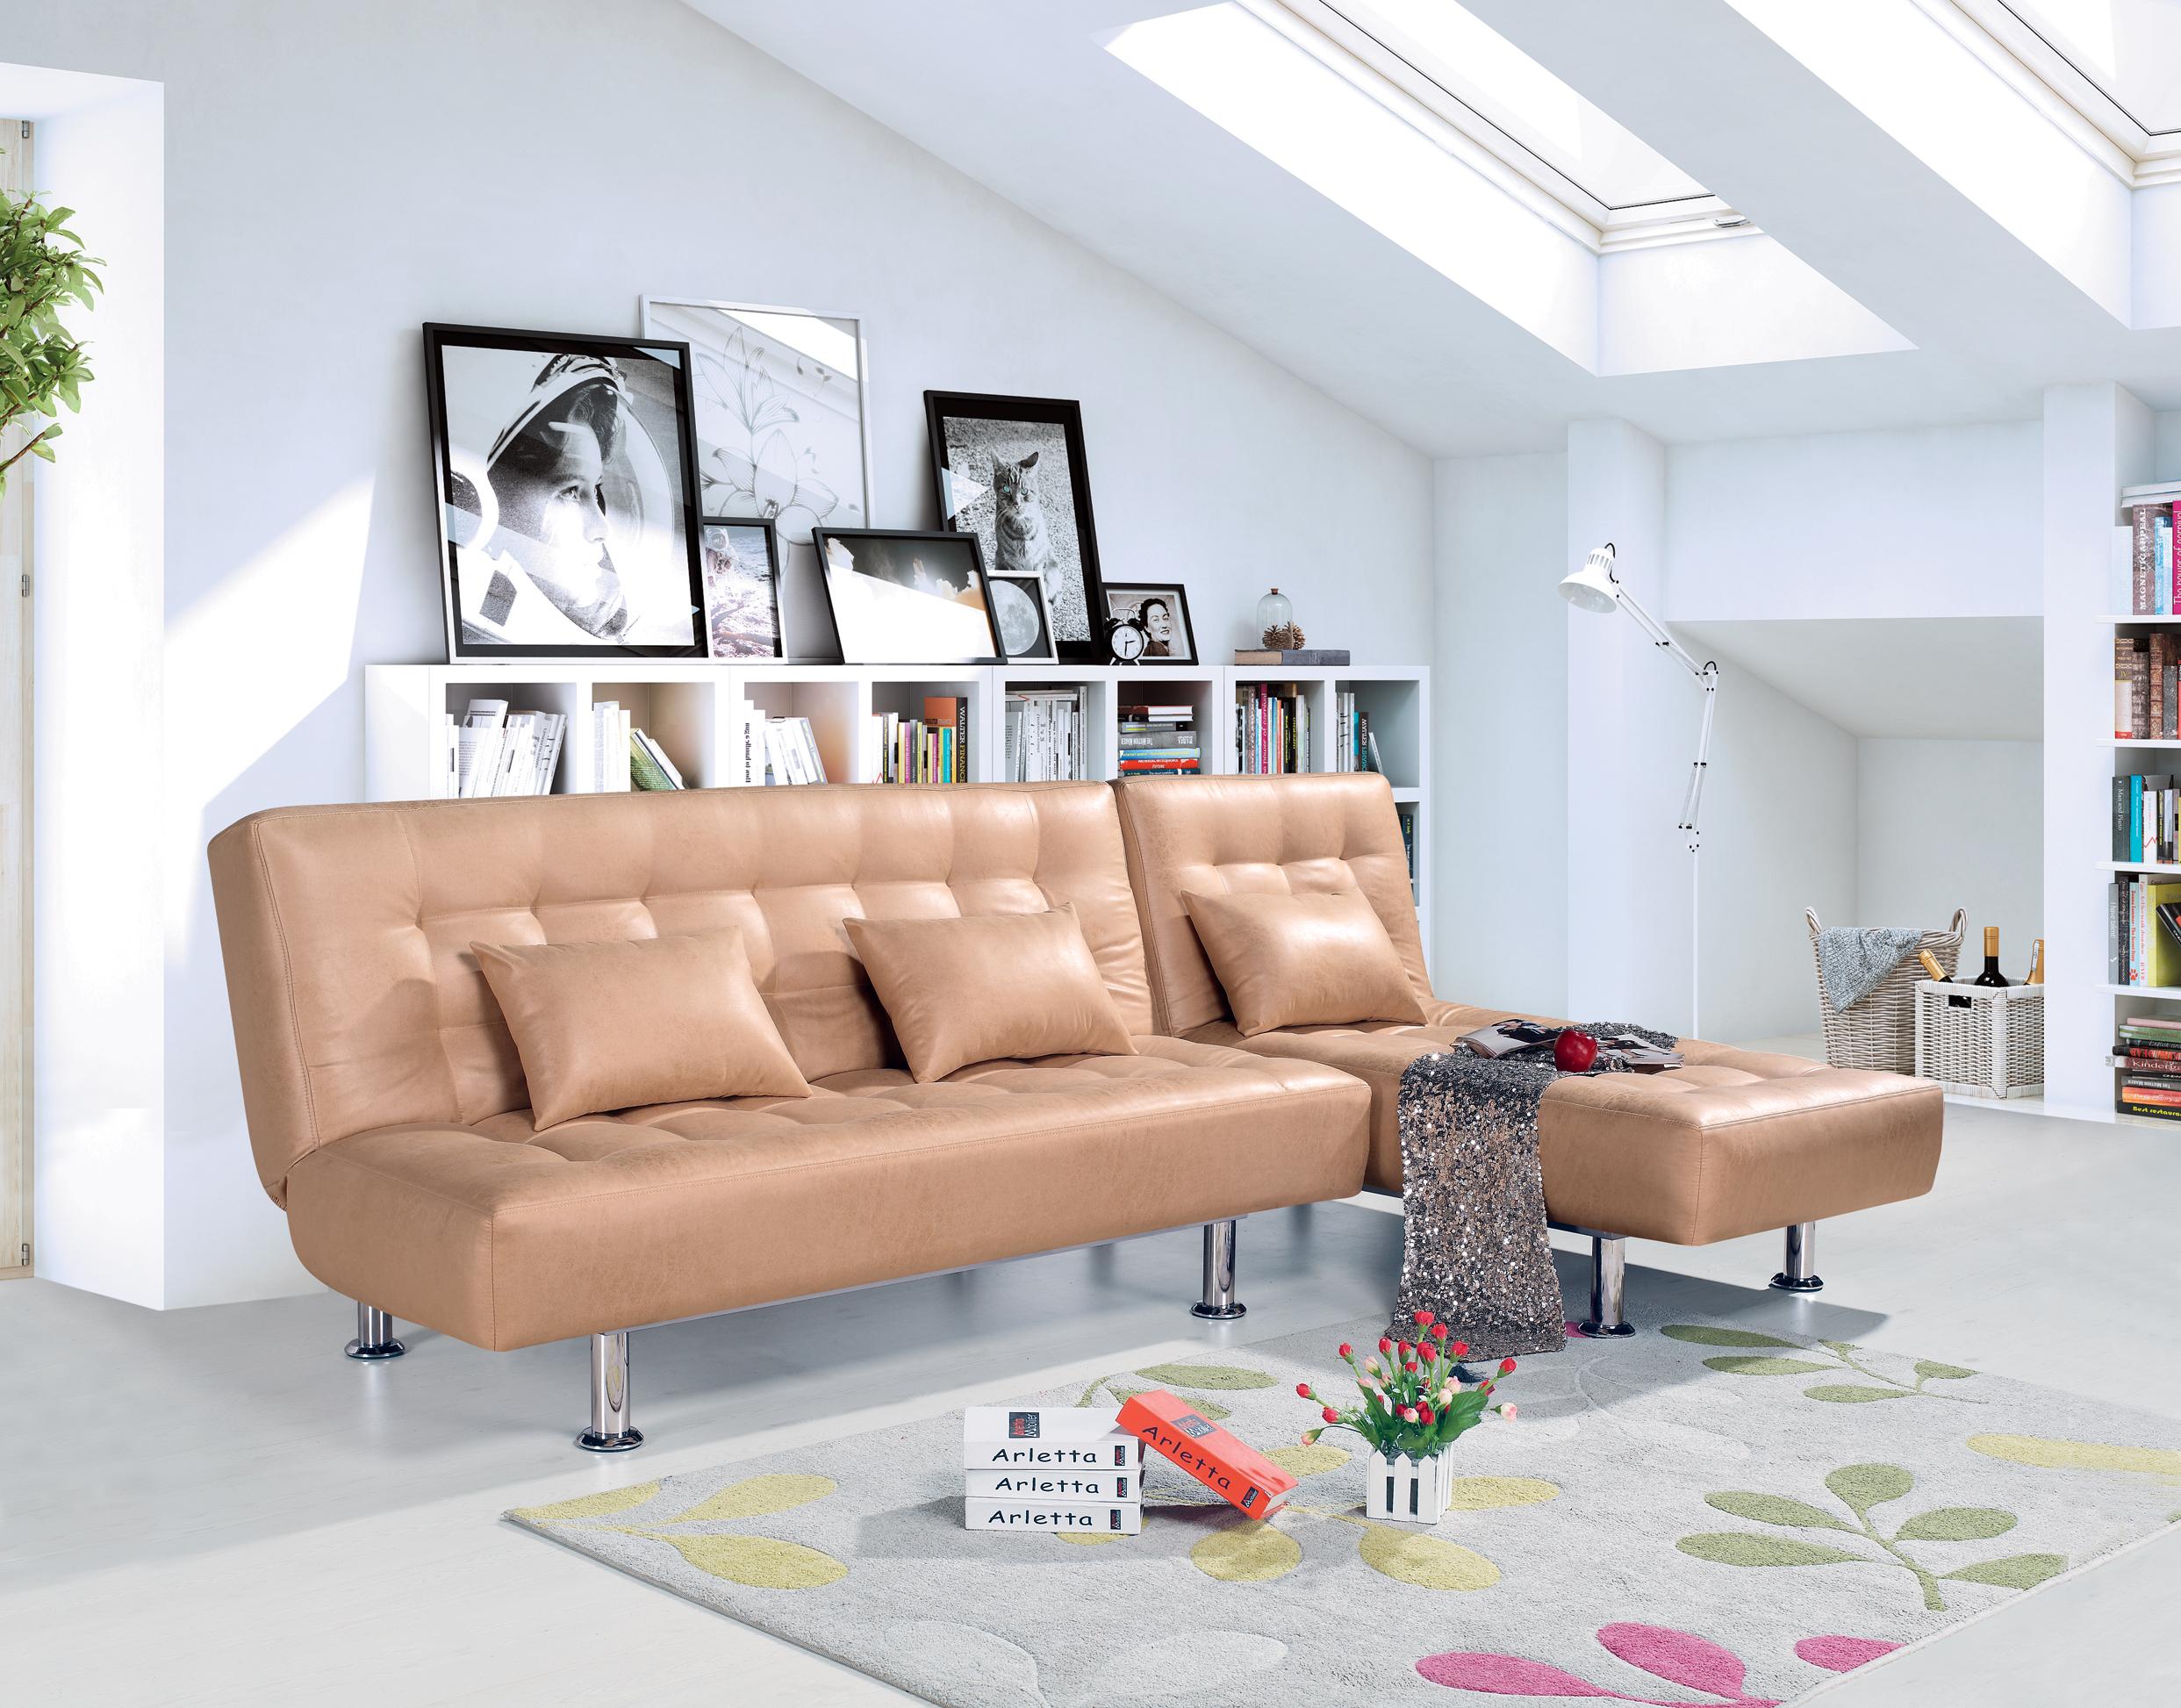 折り畳みソファーベッドL型ユニット小型タイプソファ1メートル、1メートル、小型のリビングルーム、ソファ